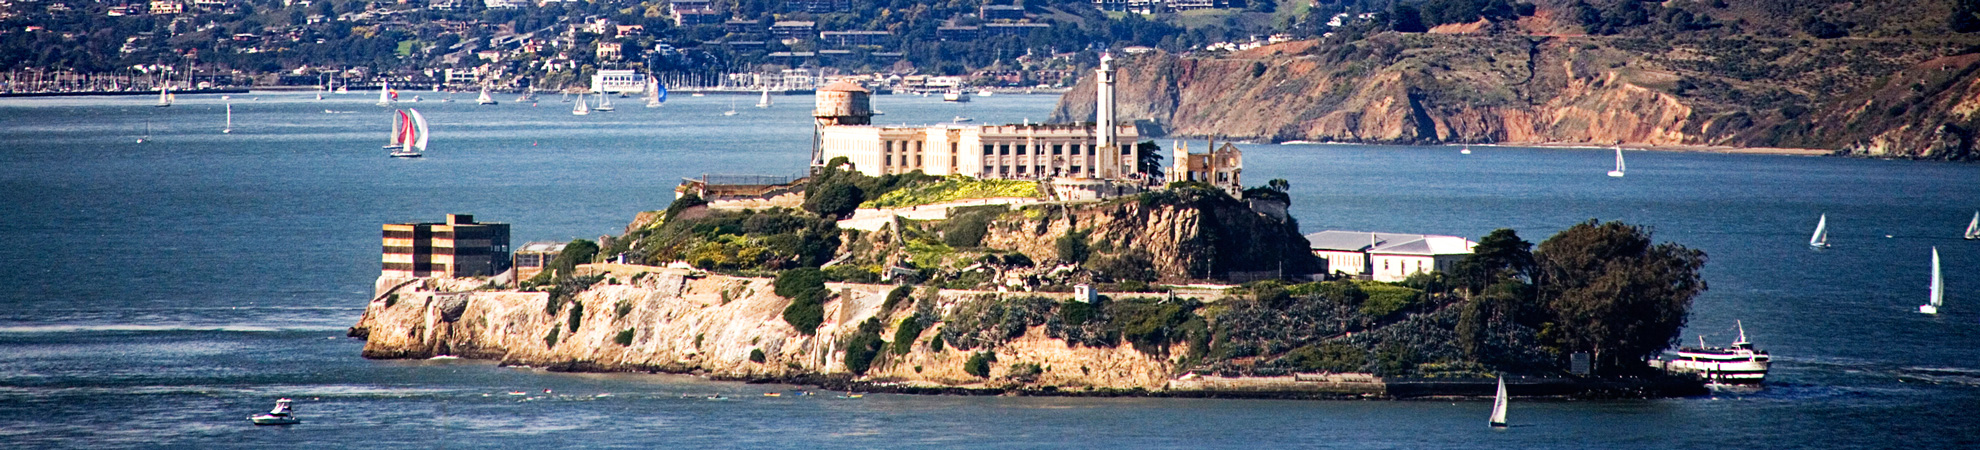 San Francisco tourisme - Découvrir la ville de l'ouest des Etats-Unis